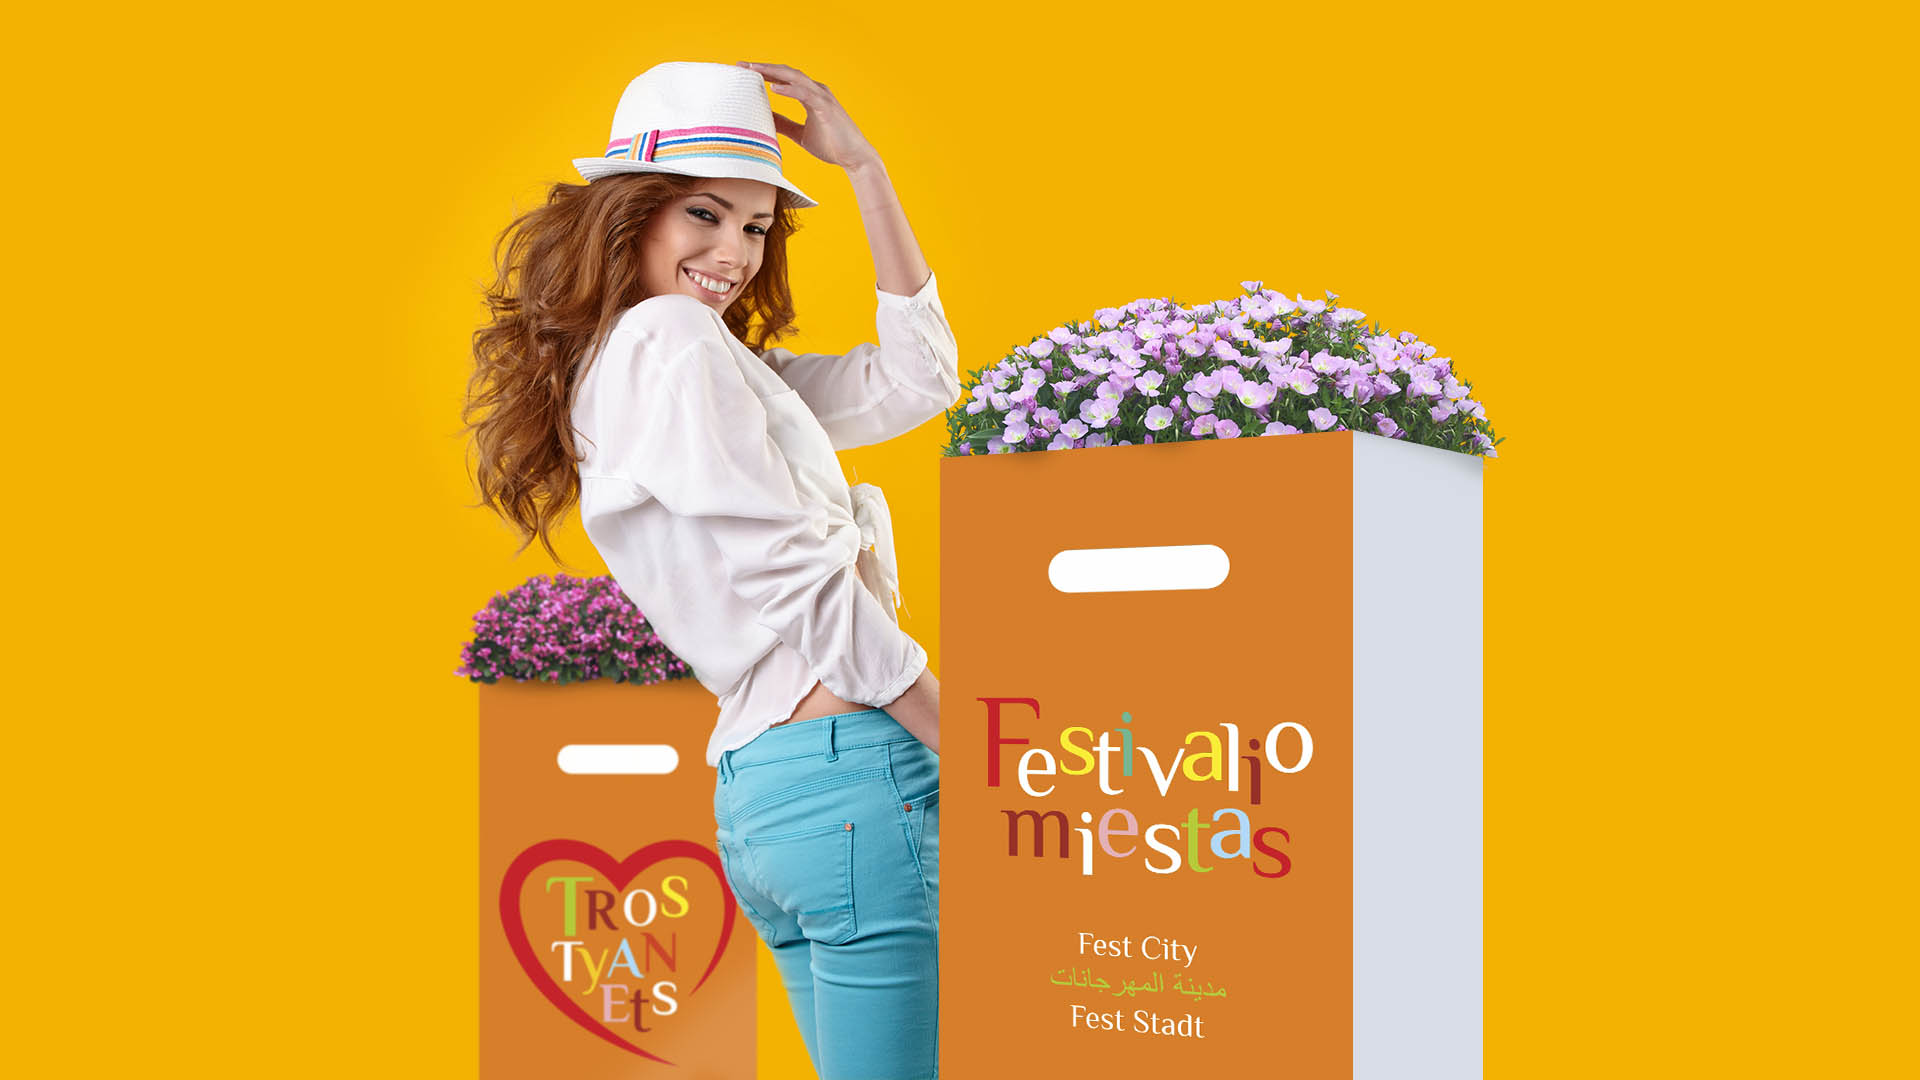 наружна реклама, апельсин сумы, апельсин суми, комплексне оформлення, квіткові рекламні тумби